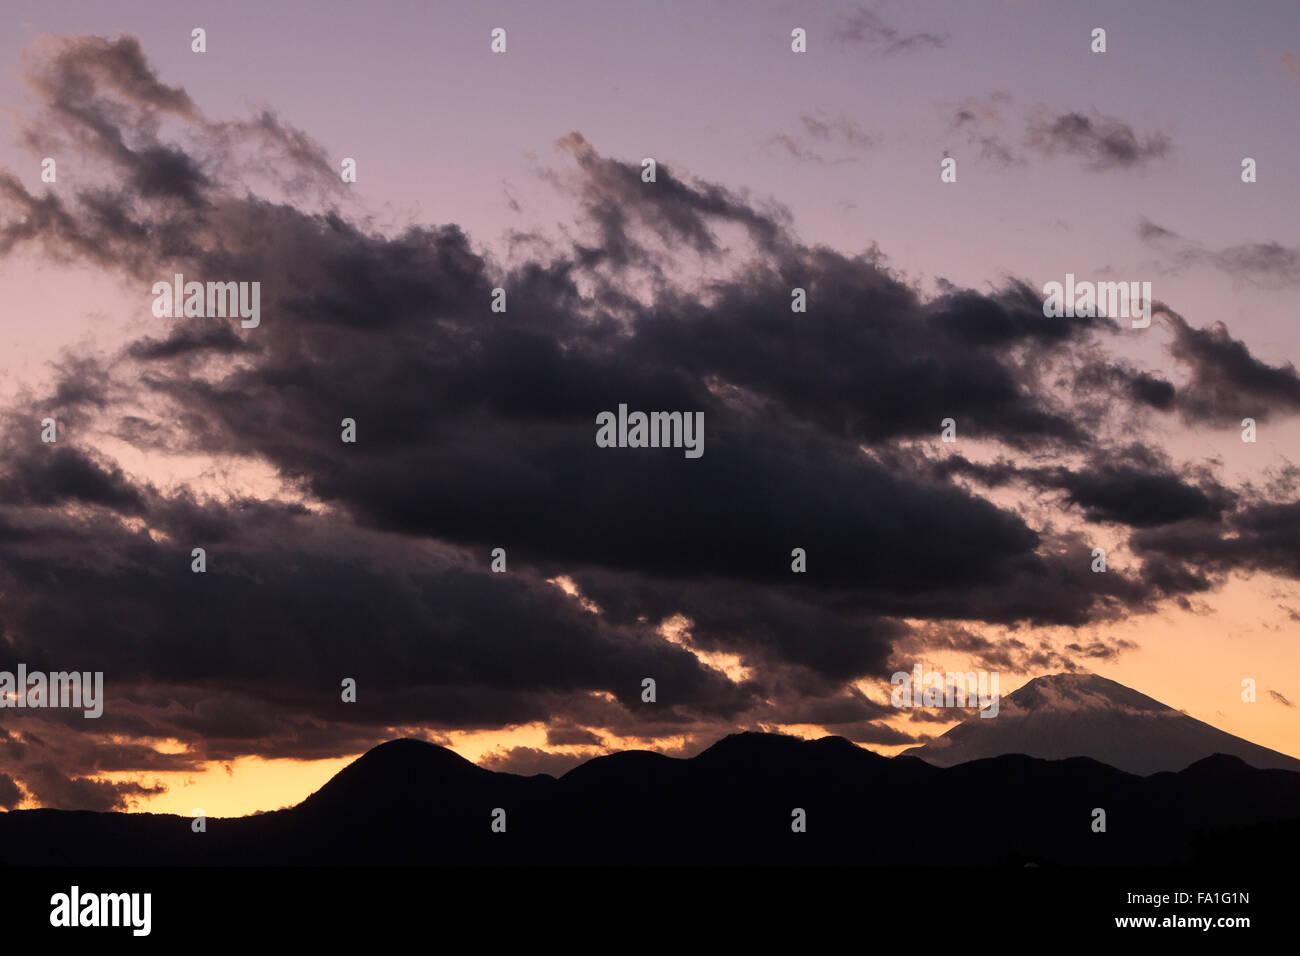 Le mont Fuji au coucher du soleil, le Japon. Samedi 19 Décembre 2015 Photo Stock